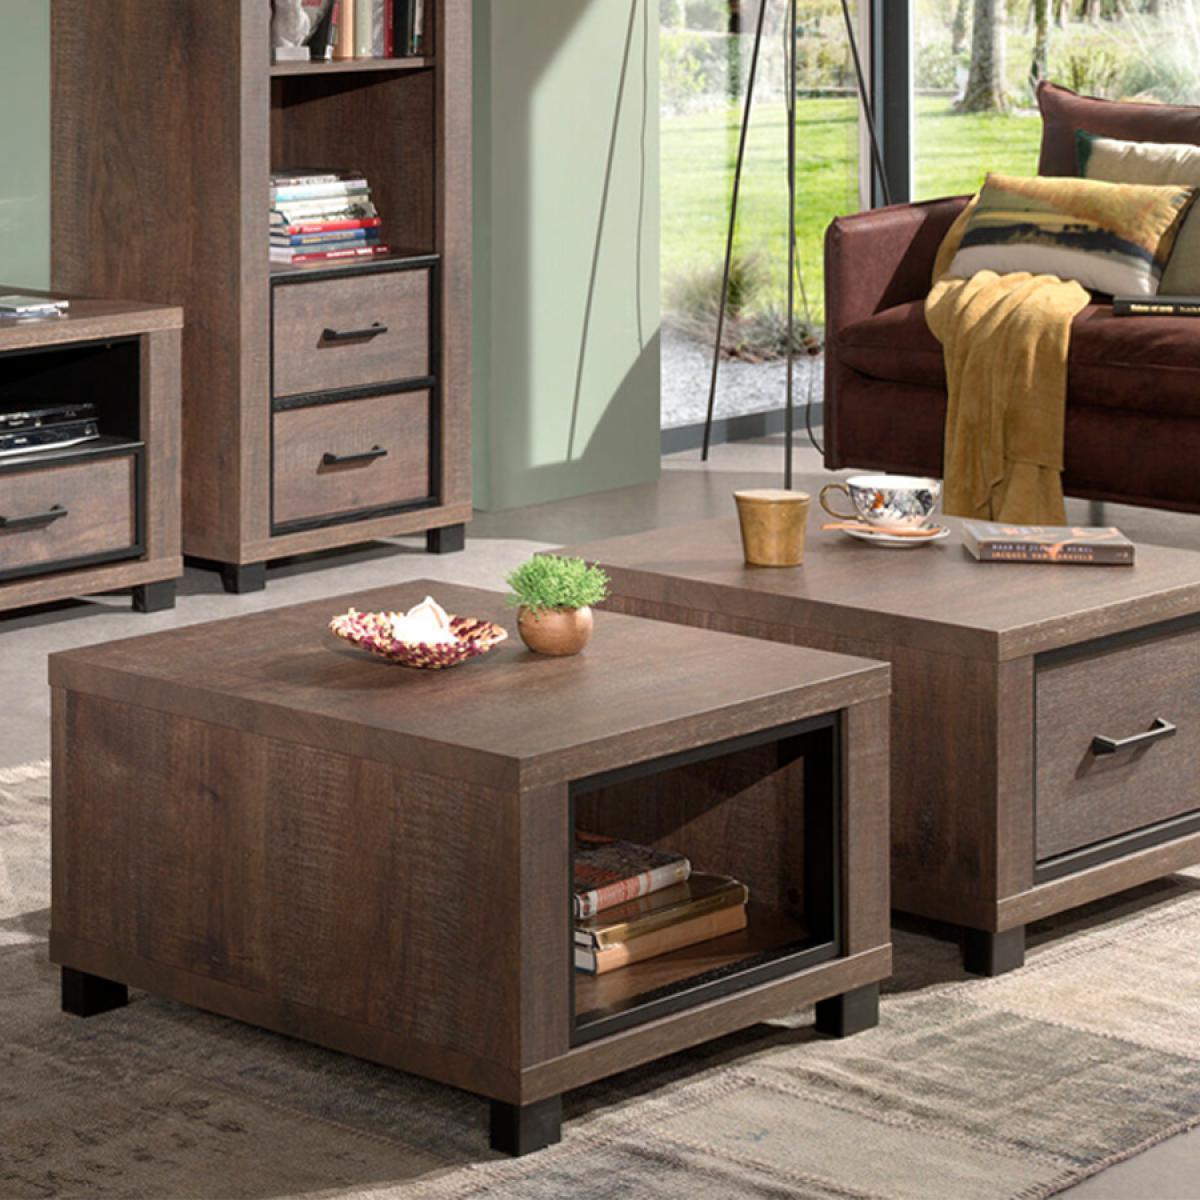 Nouvomeuble Table de salon carrée couleur chêne foncé HANNOVER